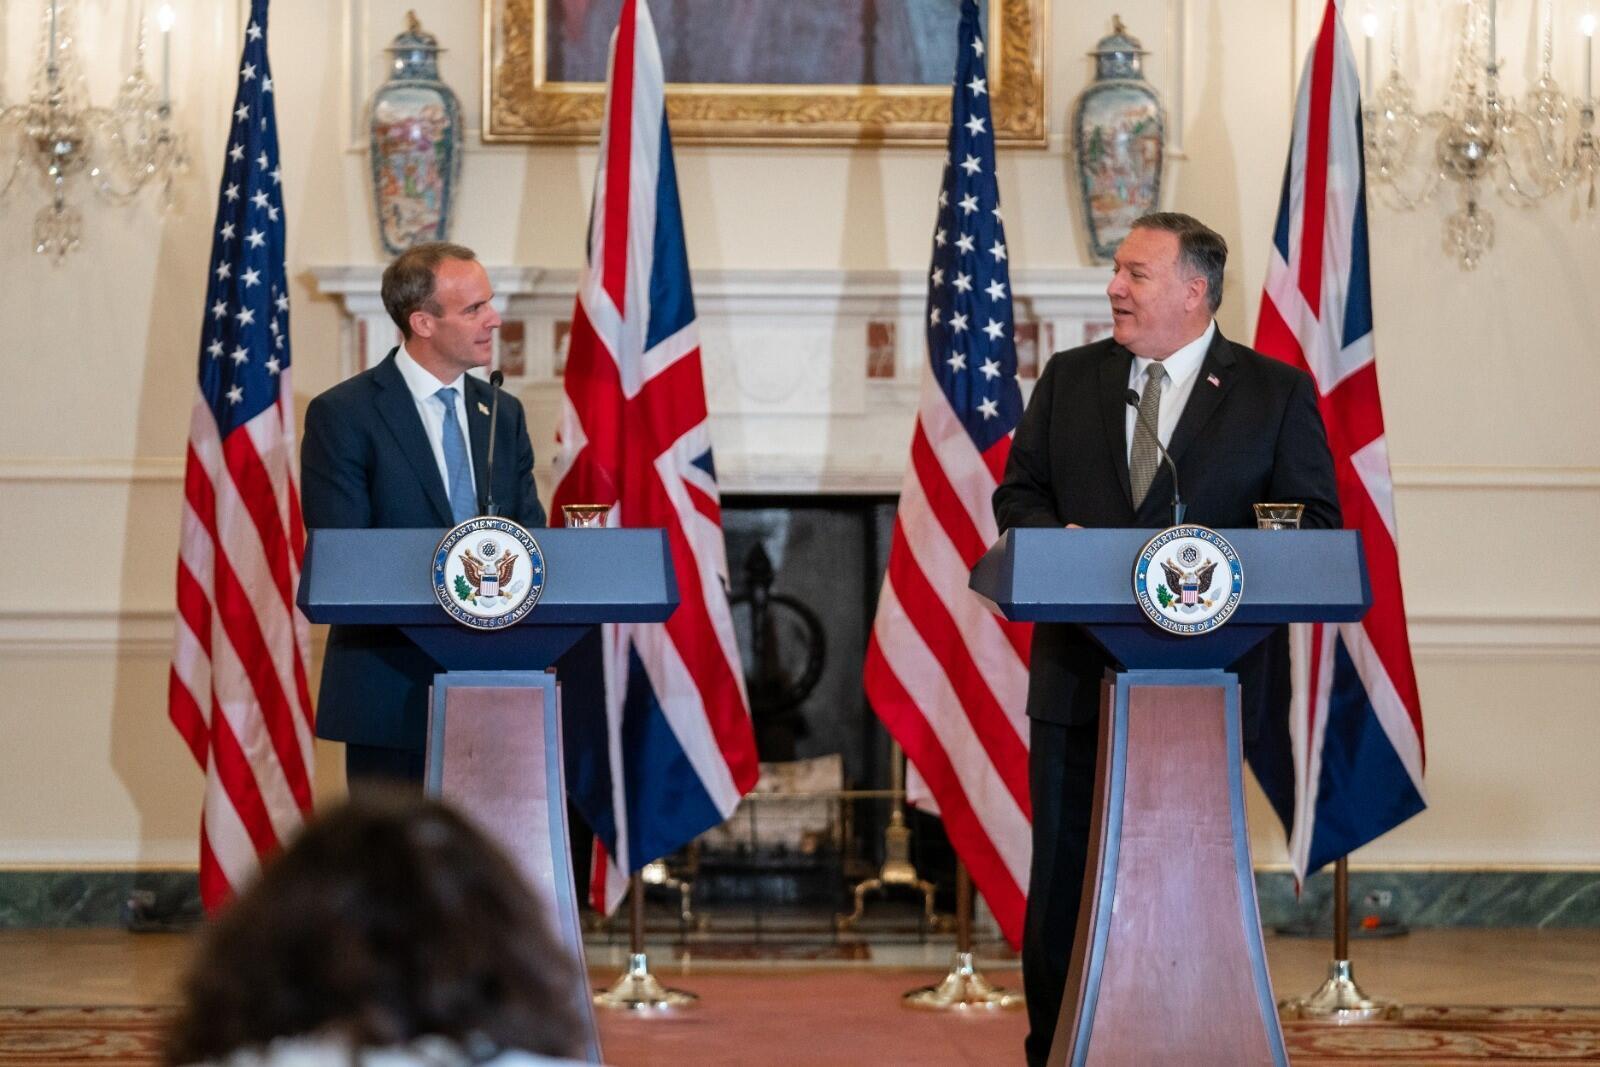 英国外交大臣拉布与美国国务卿蓬佩奥资料图片